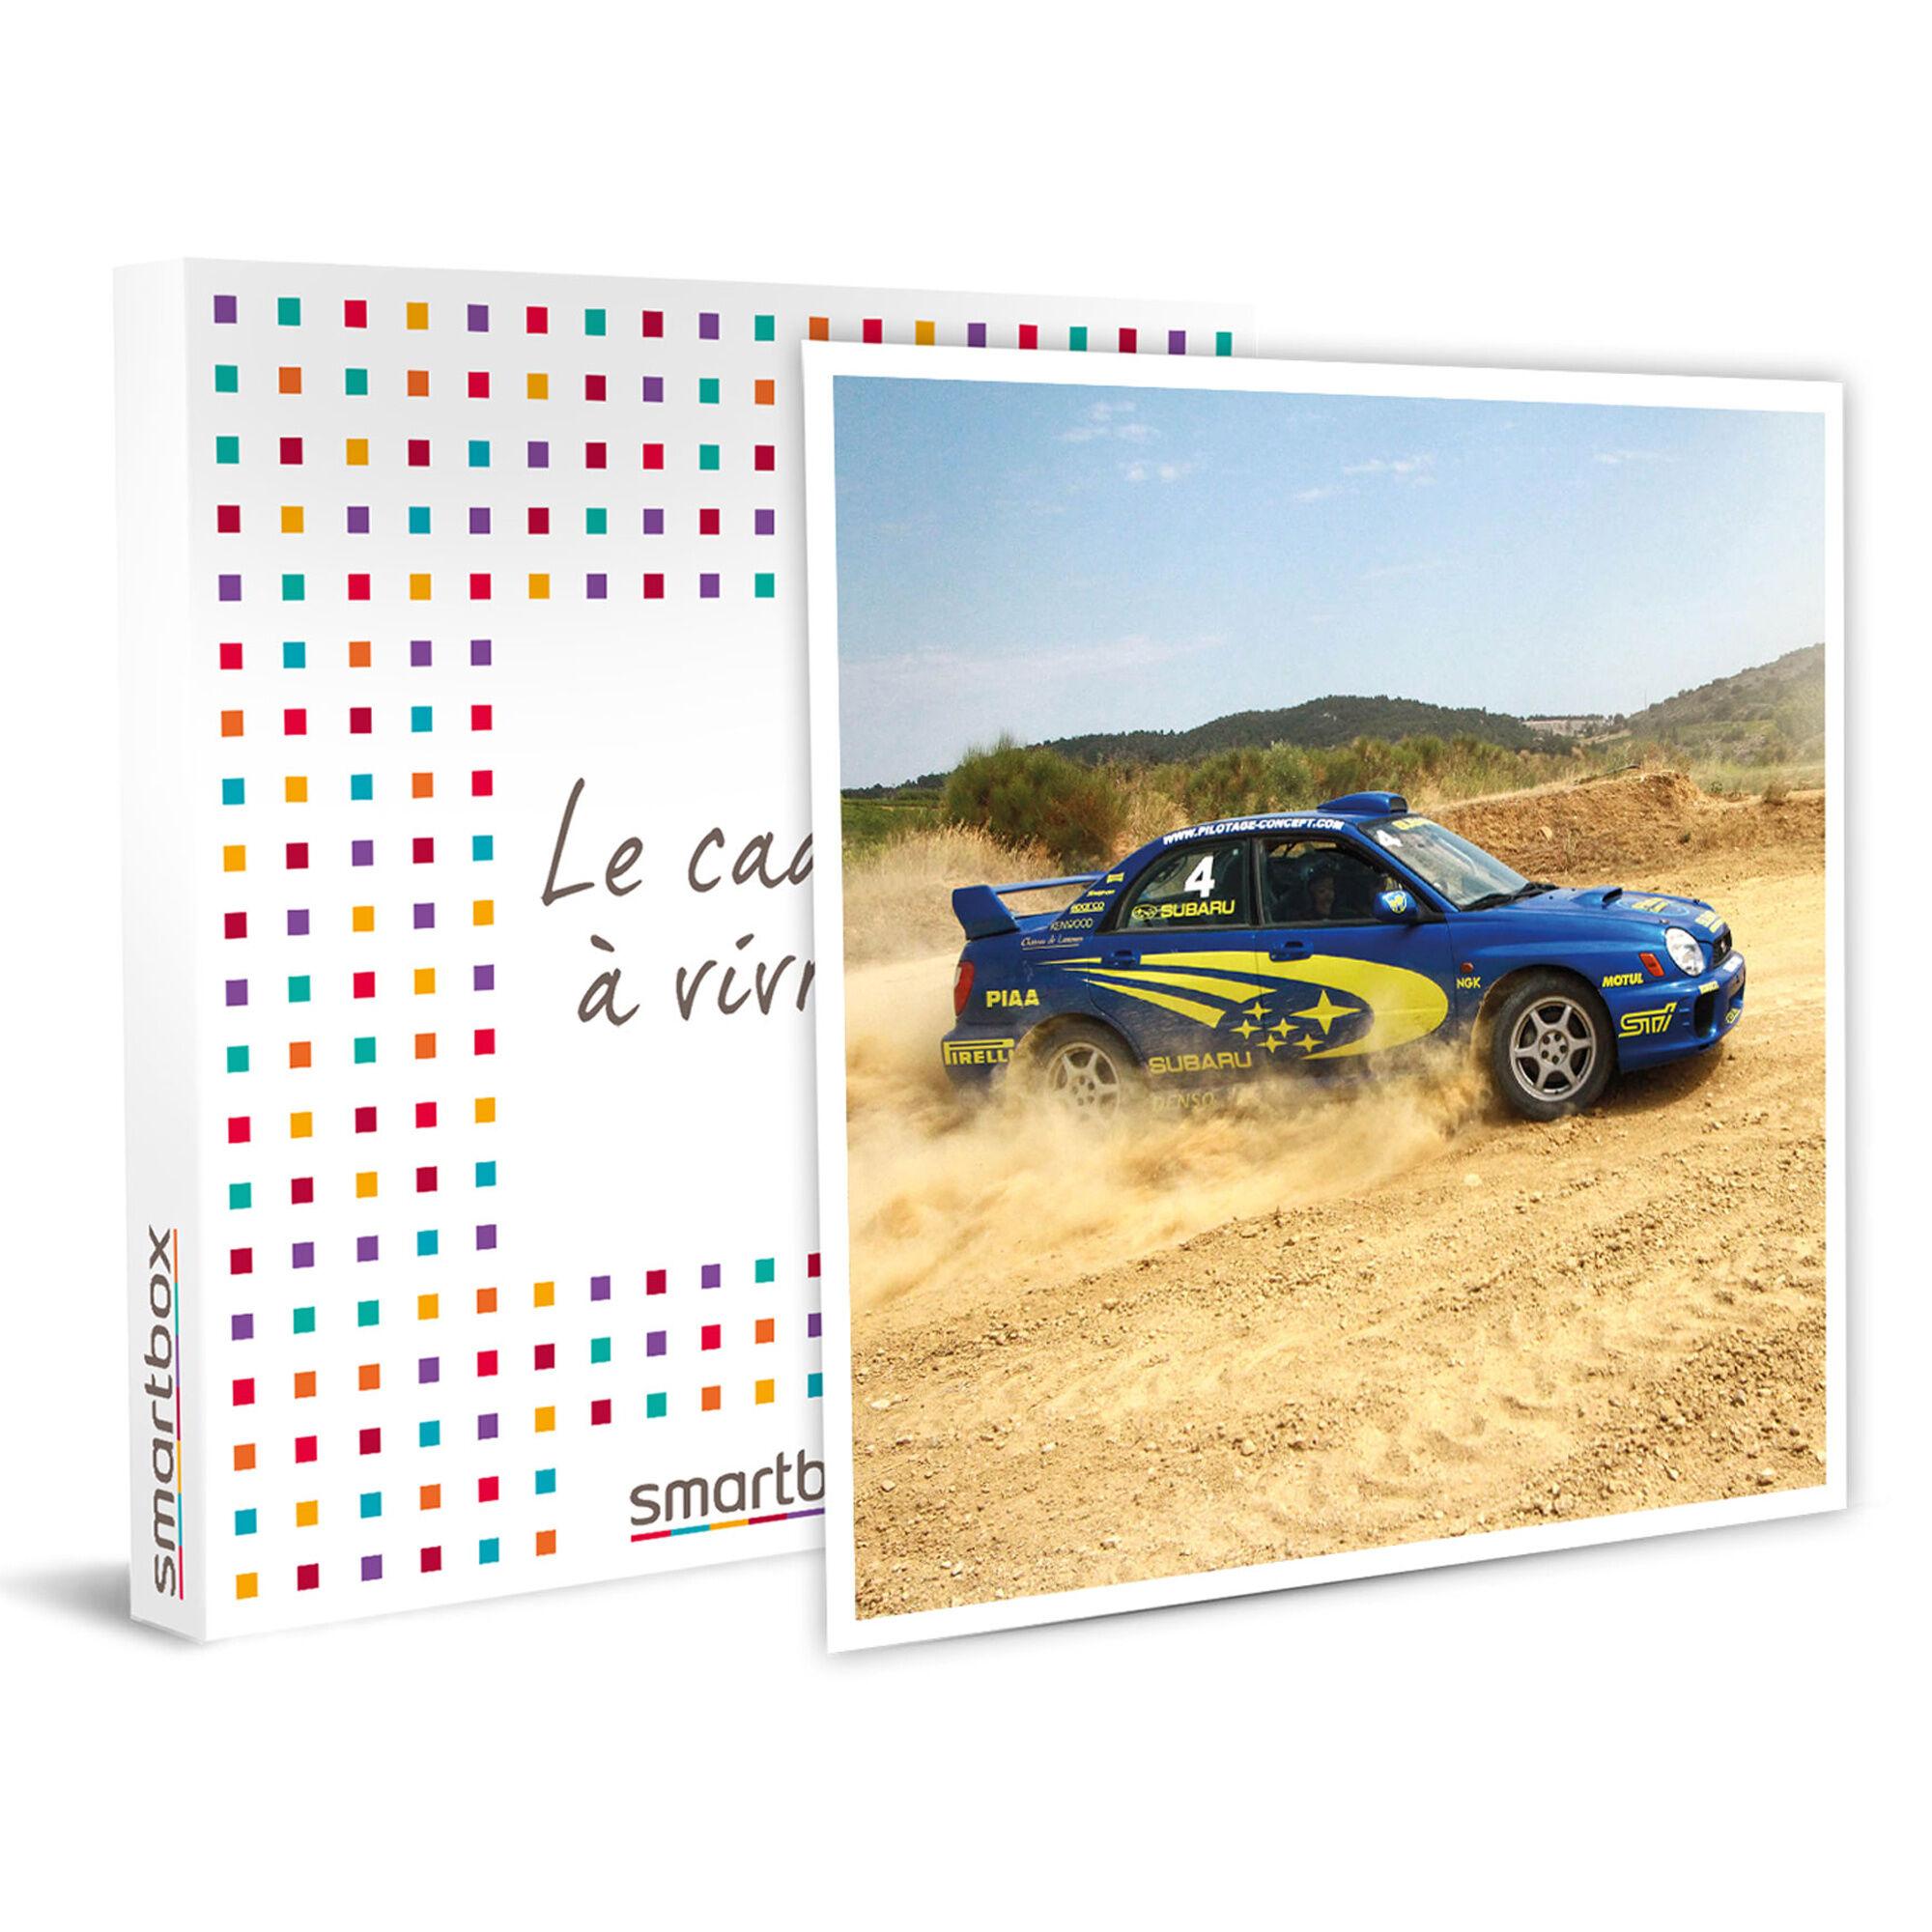 Smartbox Pilotage rallye : 10 tours sur circuit terre au volant de la Subaru Impreza Groupe N 260 cv Coffret cadeau Smartbox